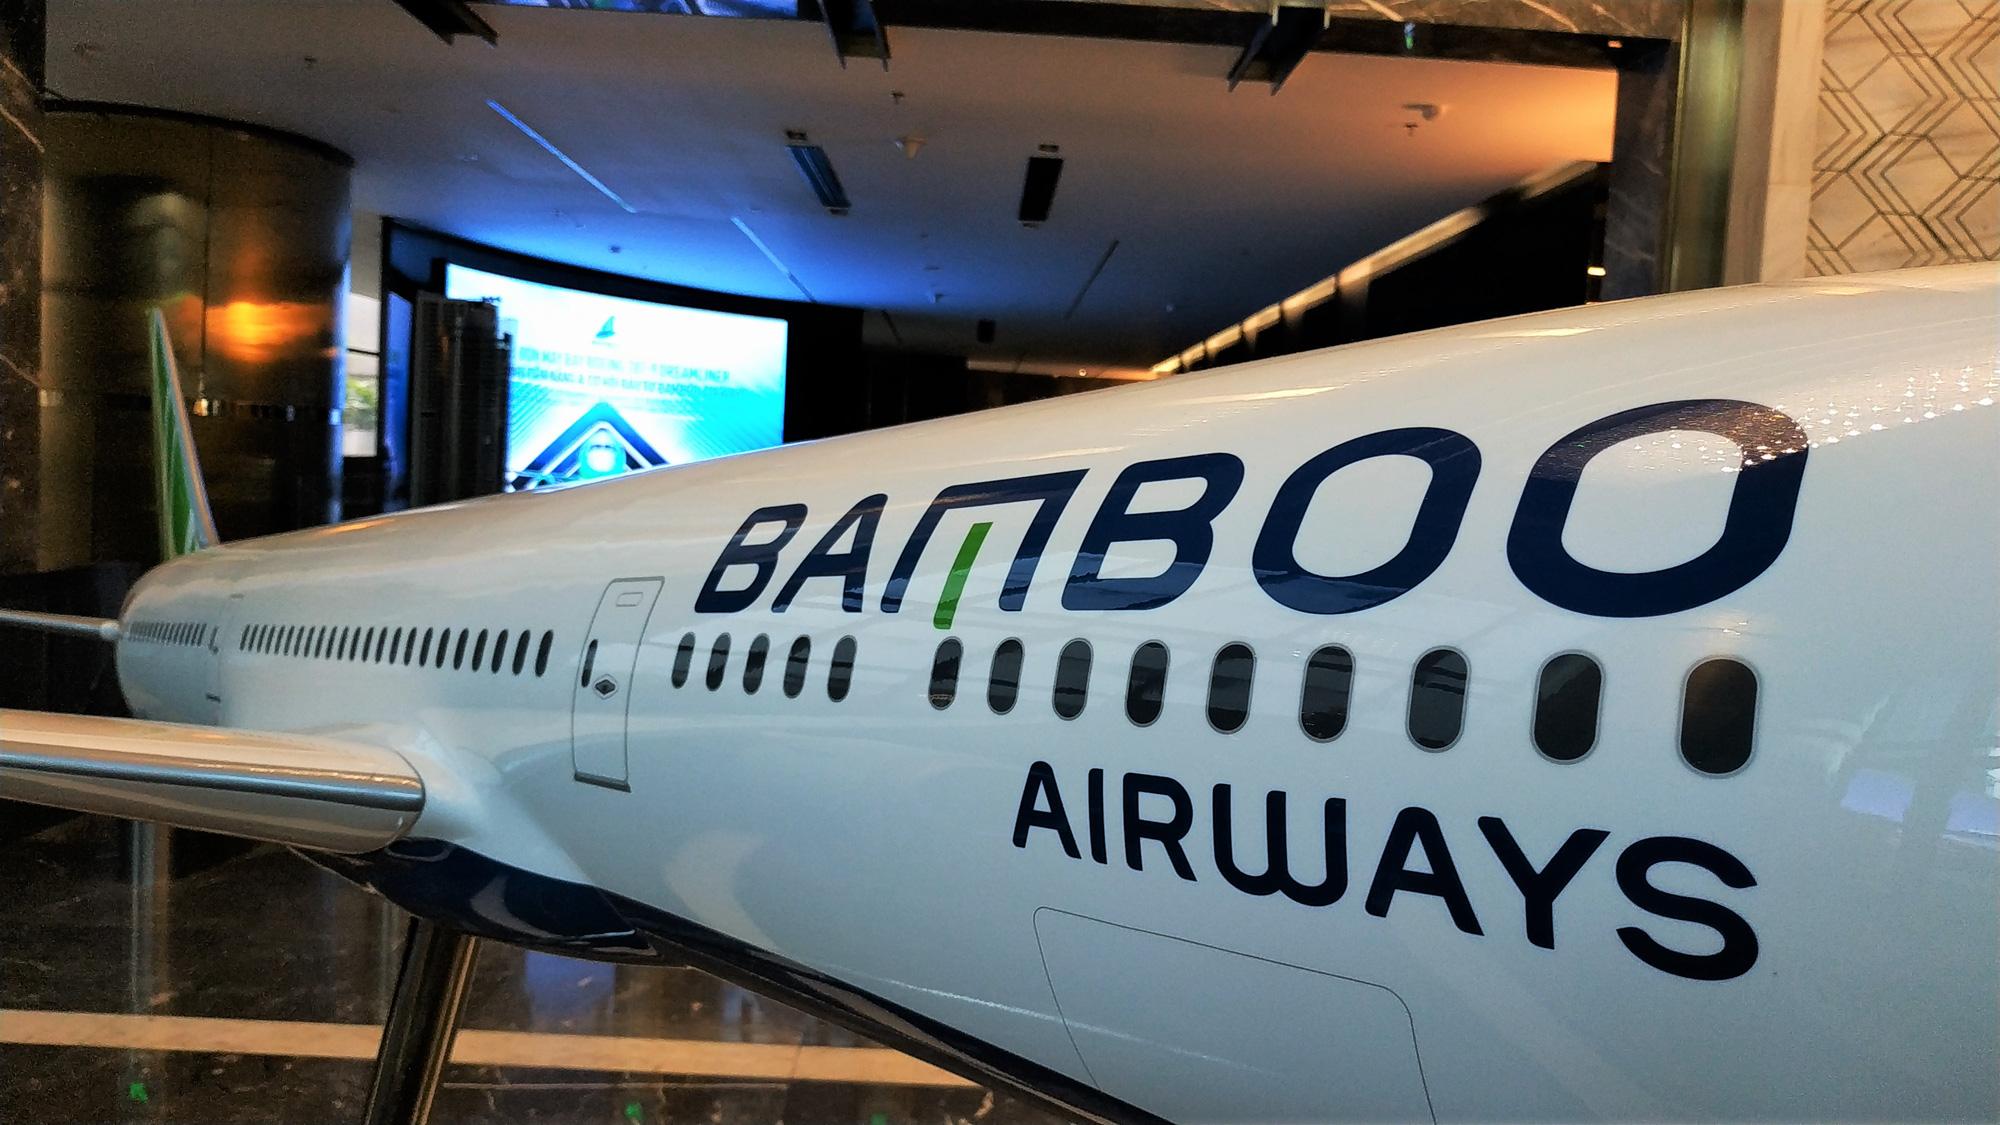 Chính phủ yêu cầu xem xét việc gỡ giới hạn số tàu bay của Bamboo Airways - Ảnh 1.